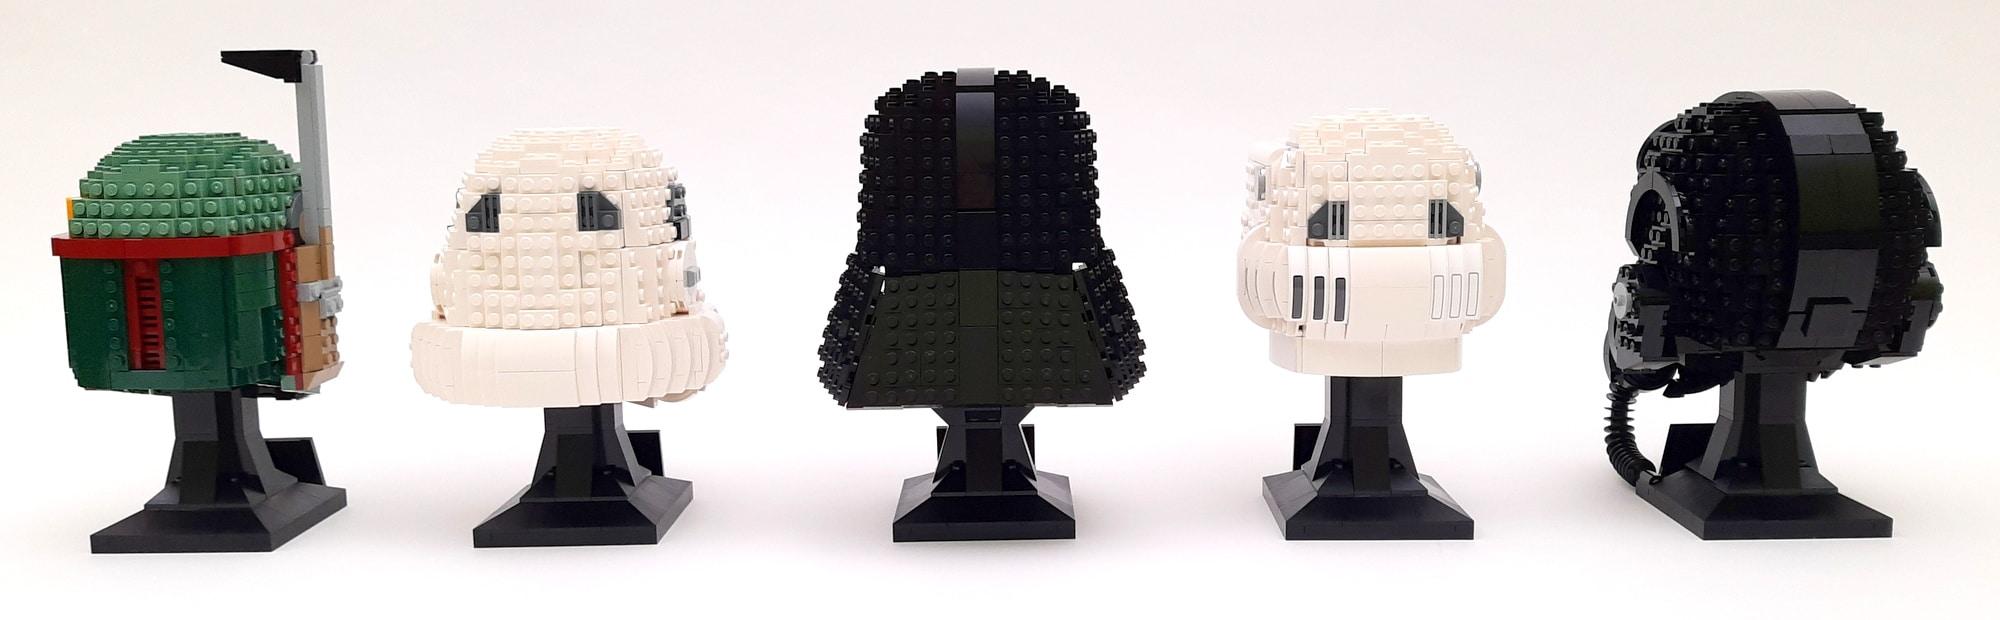 LEGO Helmet Collection 5